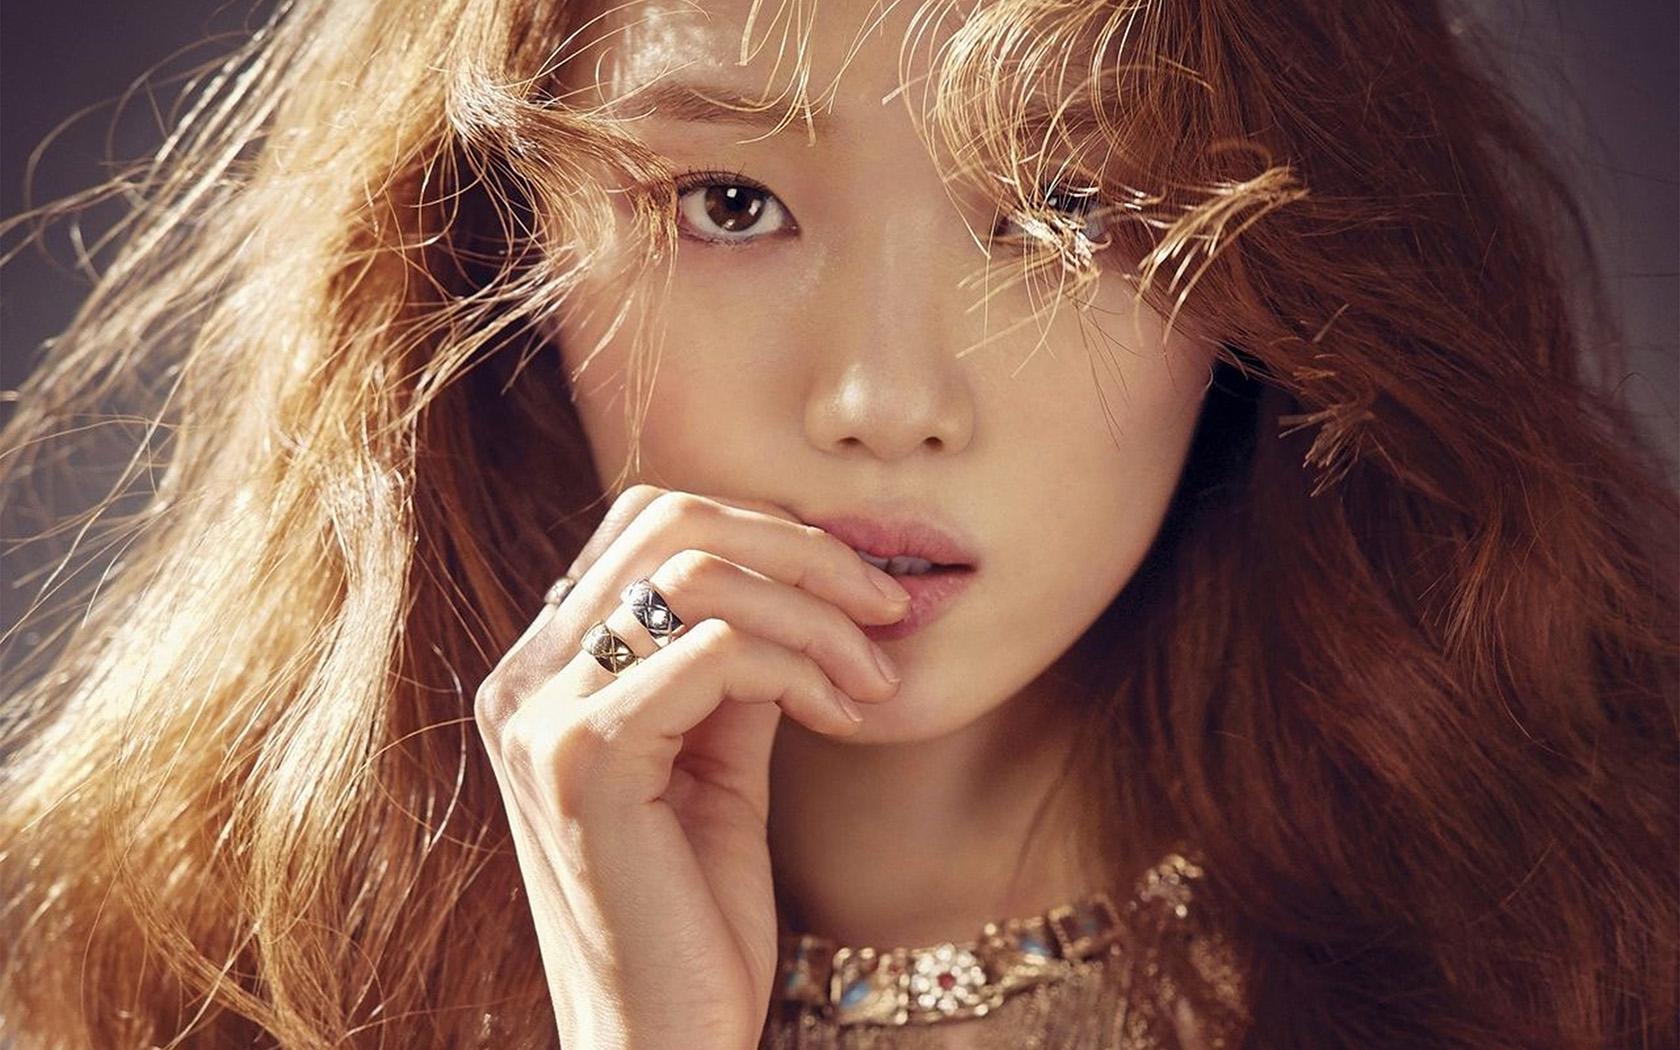 Girl In Rain Hd Wallpaper Ho68 Kpop Girl Model Asian Beauty Wallpaper